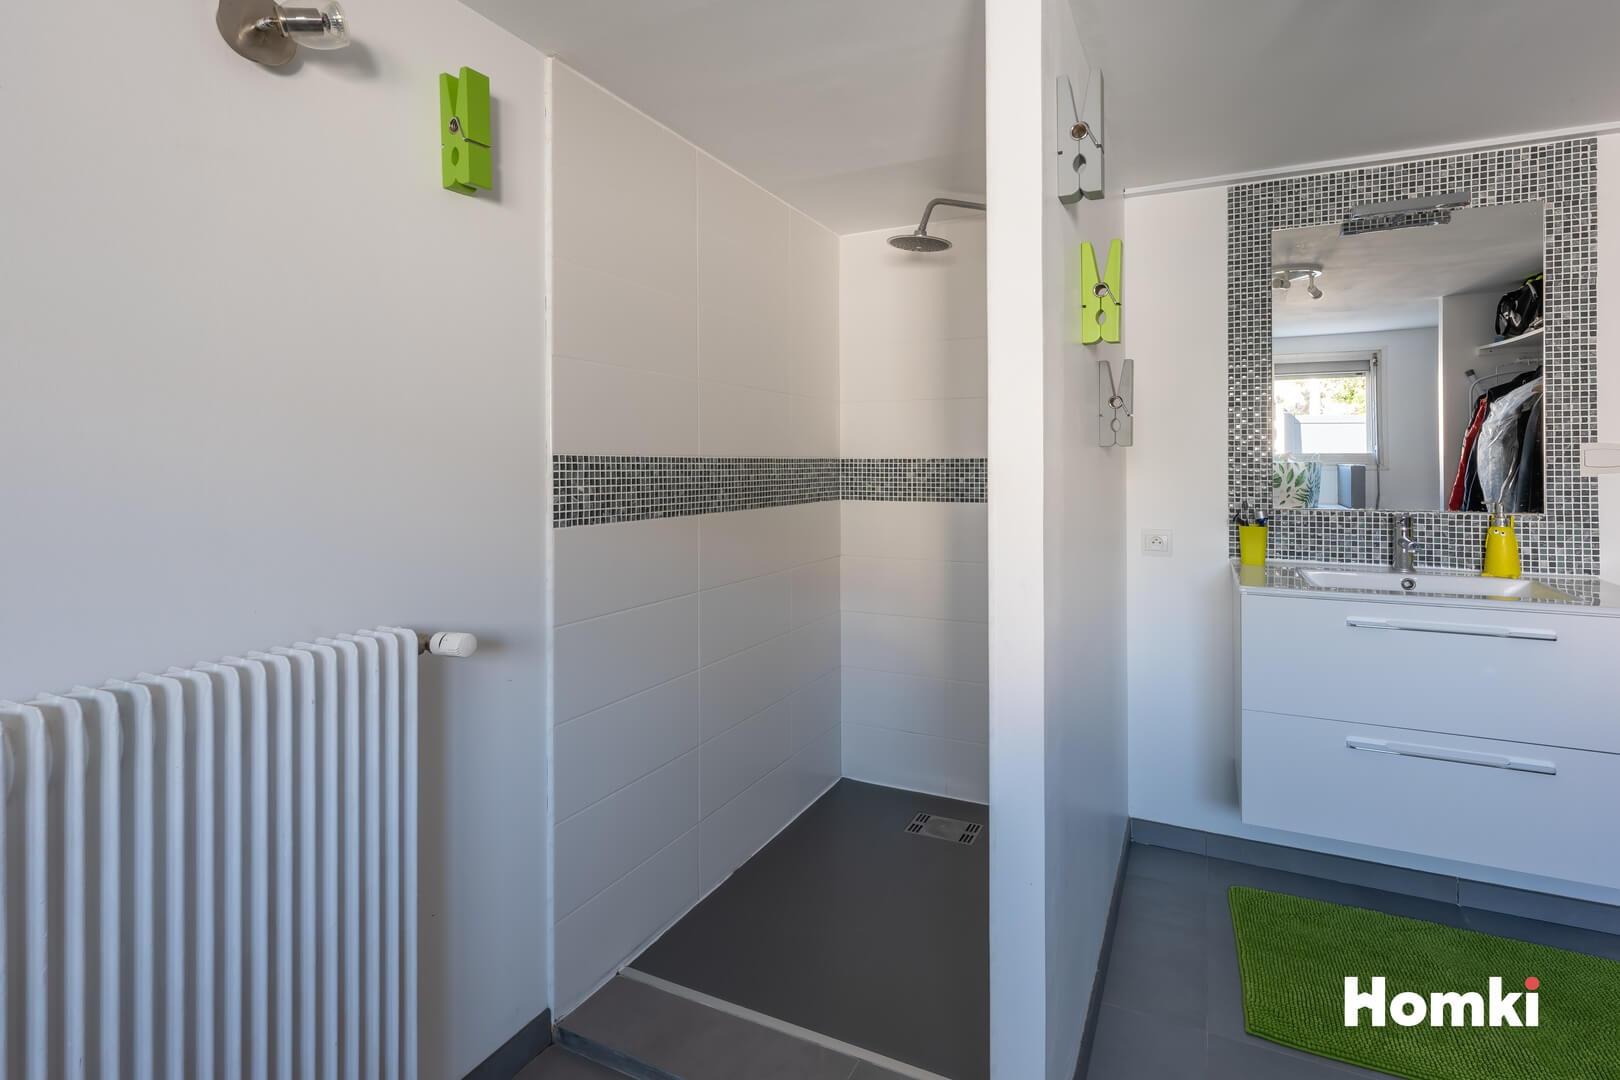 Homki - Vente Maison/villa  de 145.0 m² à Narbonne 11100